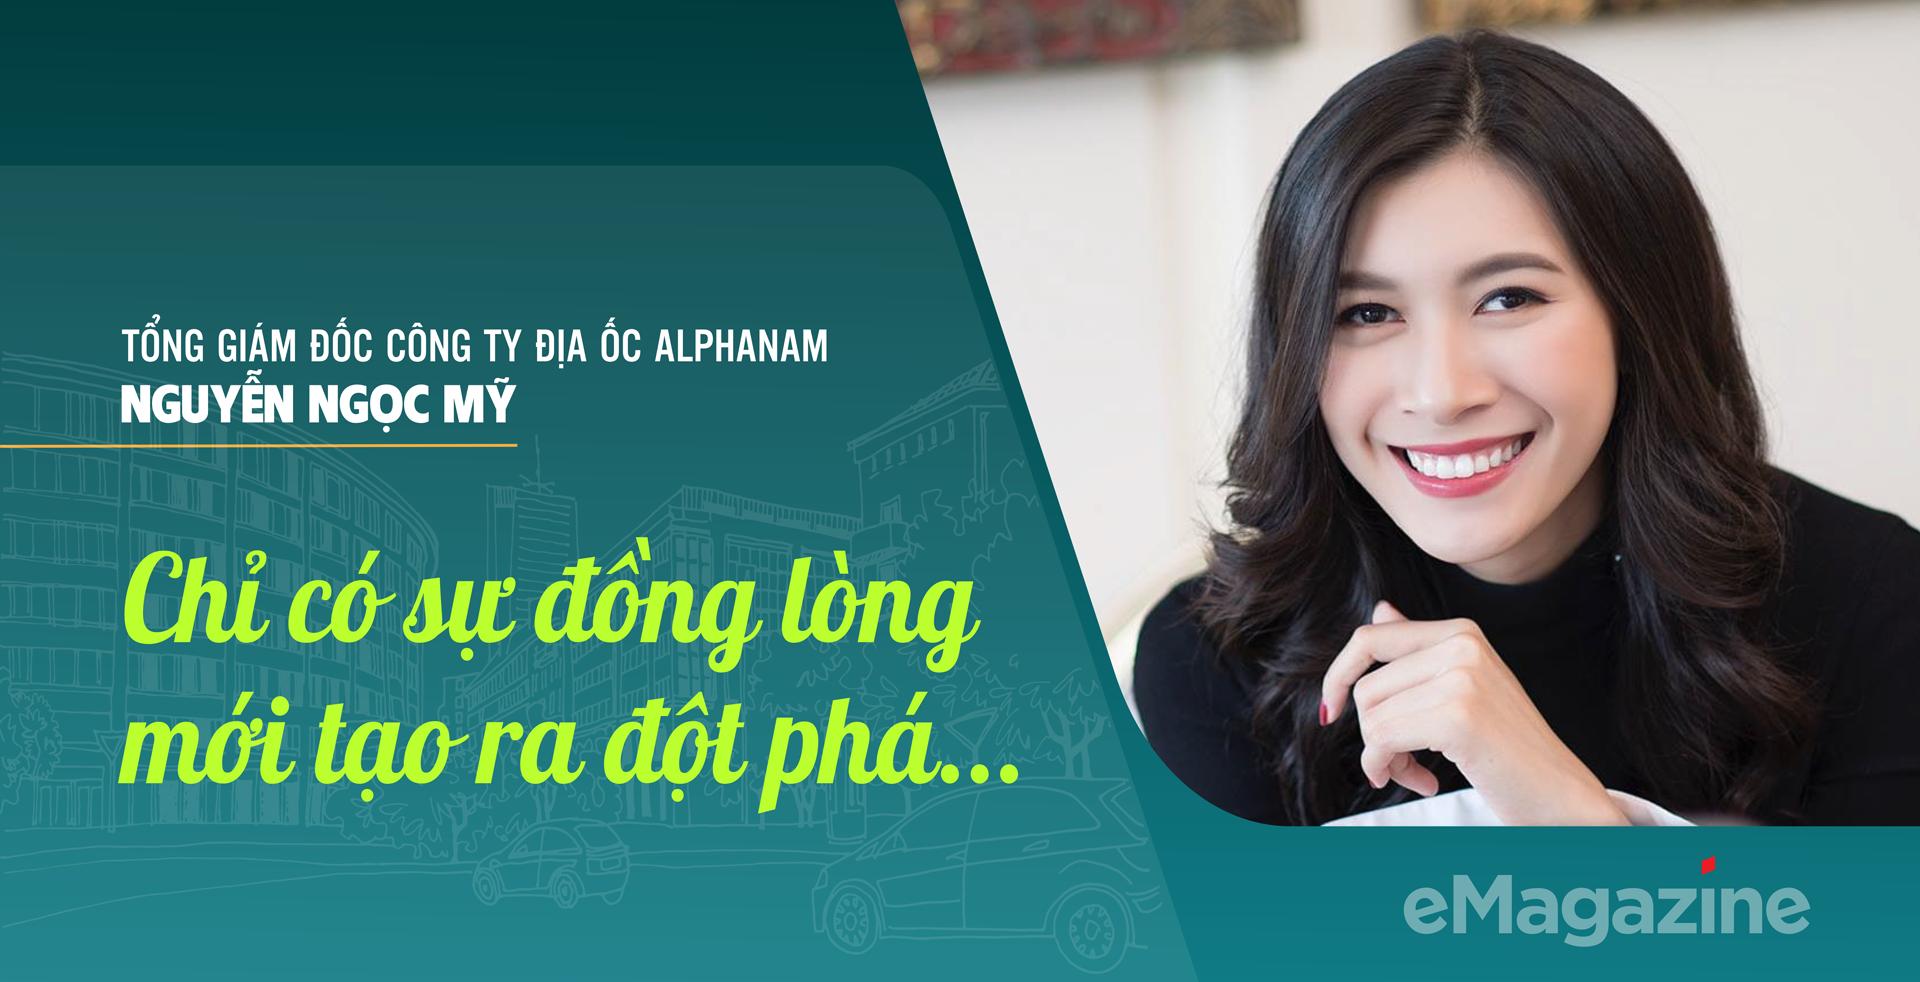 CEO Công ty Địa ốc Alphanam Nguyễn Ngọc Mỹ:Chỉ có sự đồng lòng mới tạo ra đột phá… - Ảnh 1